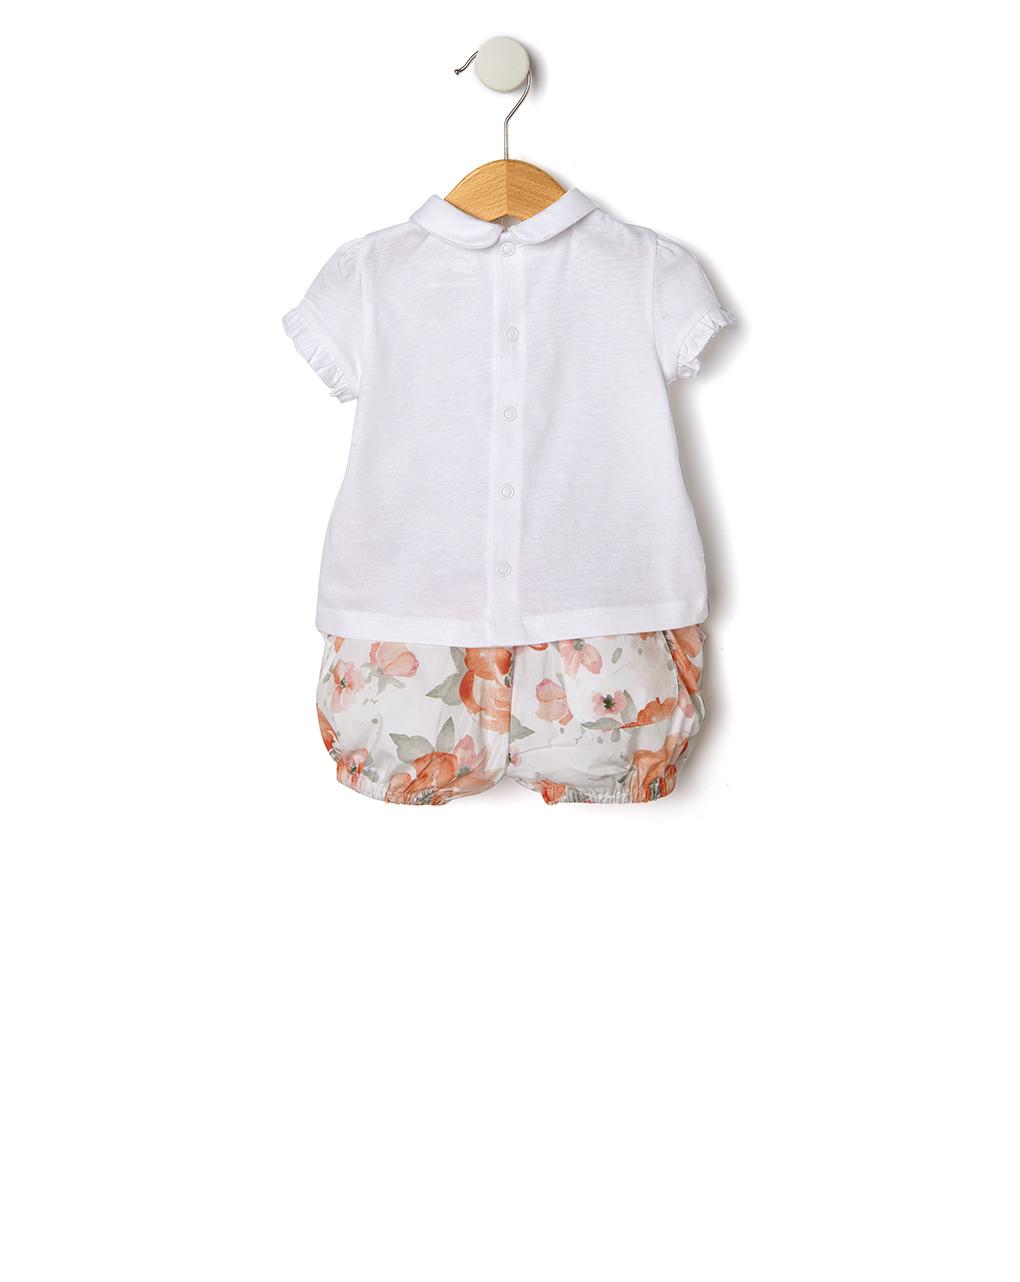 Completo t-shirt e pantaloncino con gatti e fiori - Prénatal